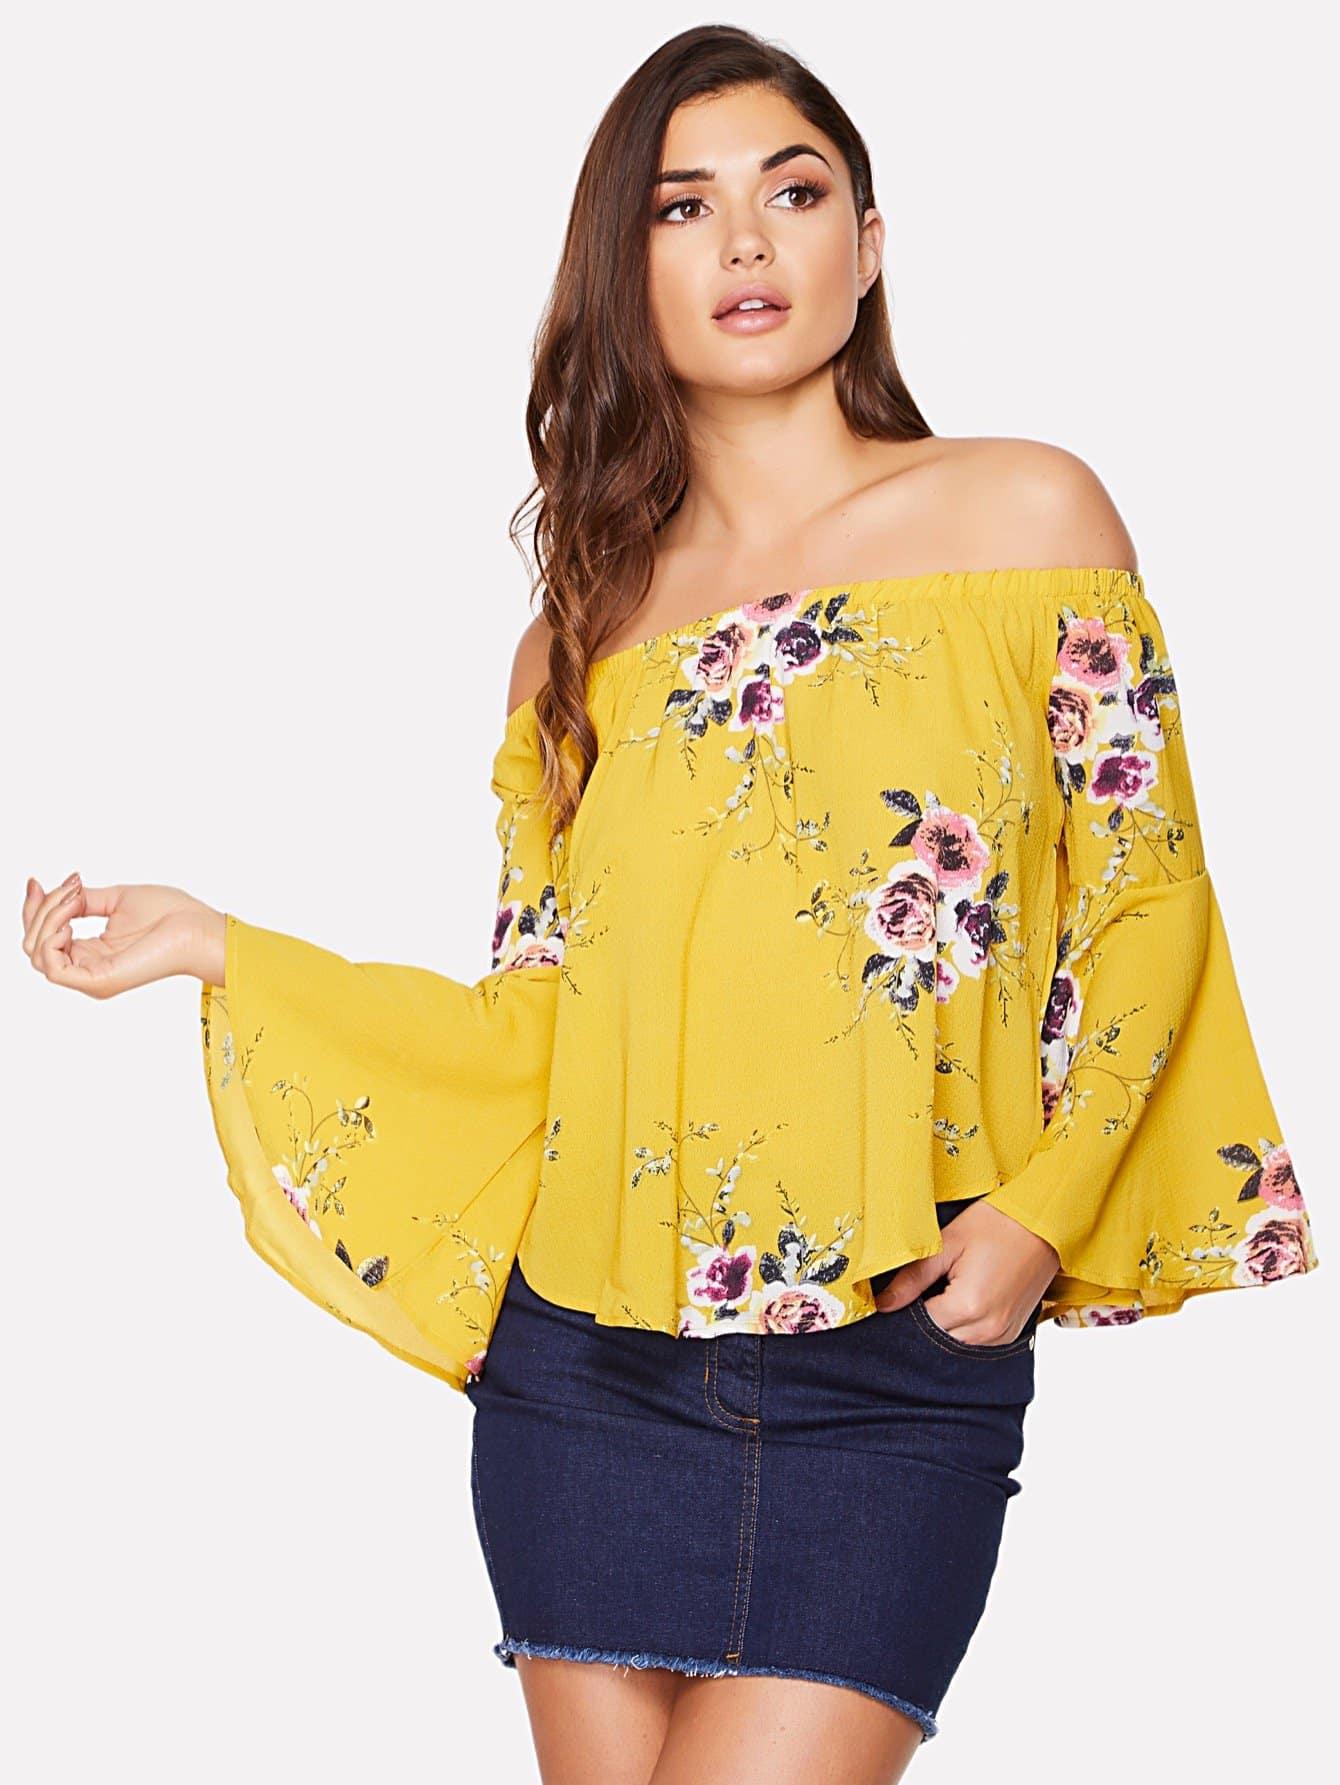 Bell Sleeve Curved Hem Floral Bardot Top batwing sleeve pocket side curved hem textured dress